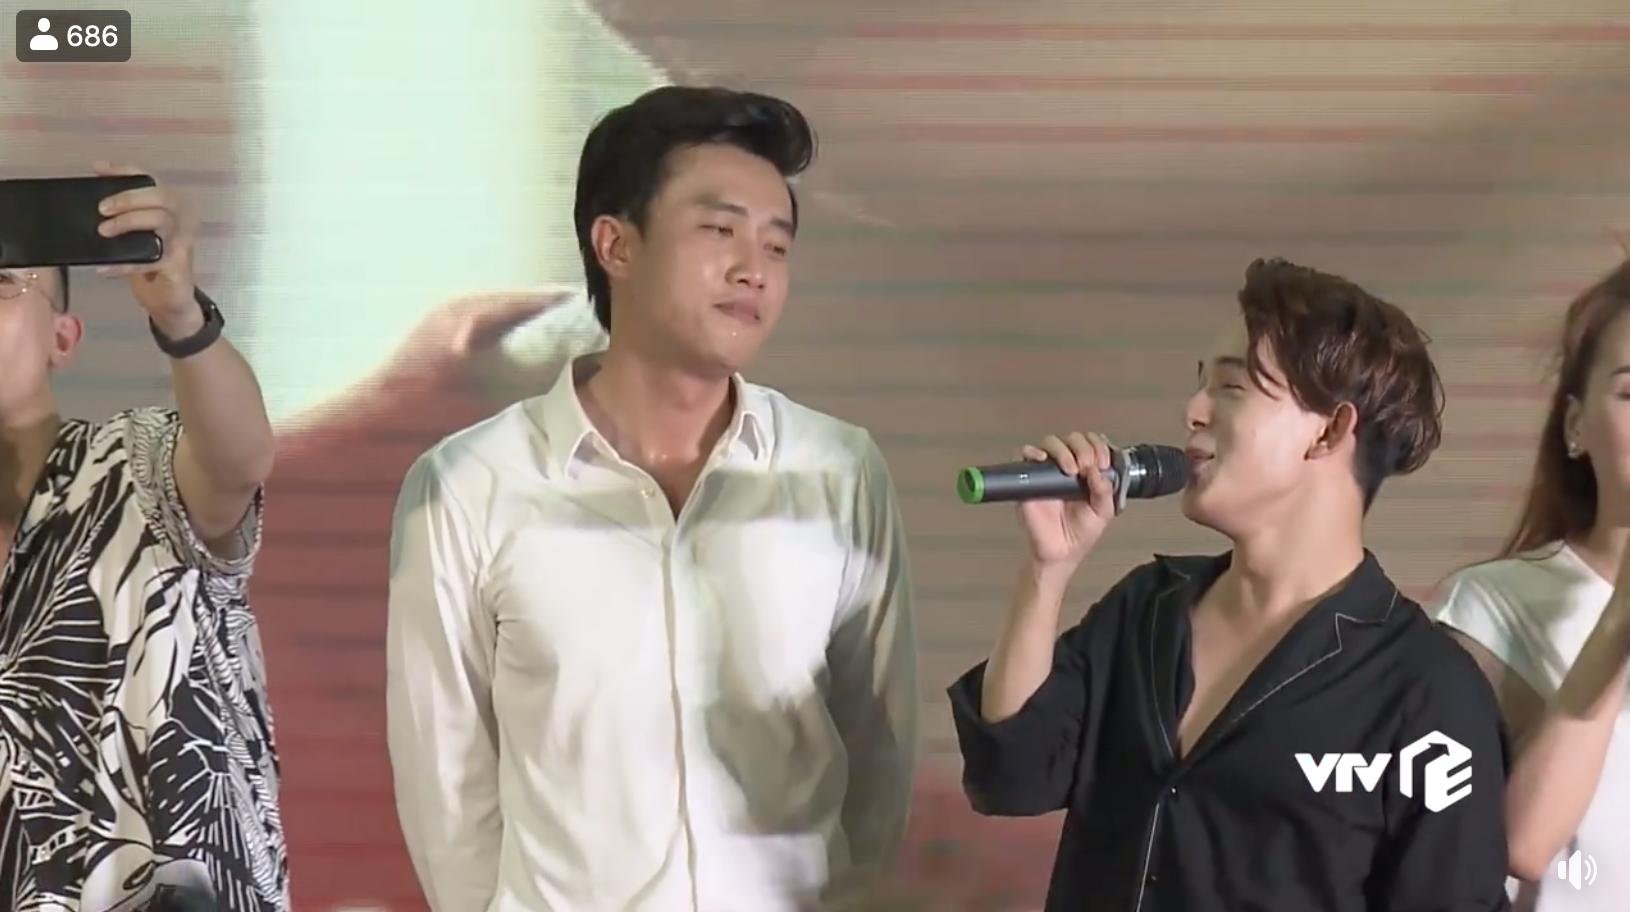 Dàn diễn viên Về nhà đi con cùng hát nhạc phim, khán giả khen lấy khen để Bảo vì hát quá hay-3